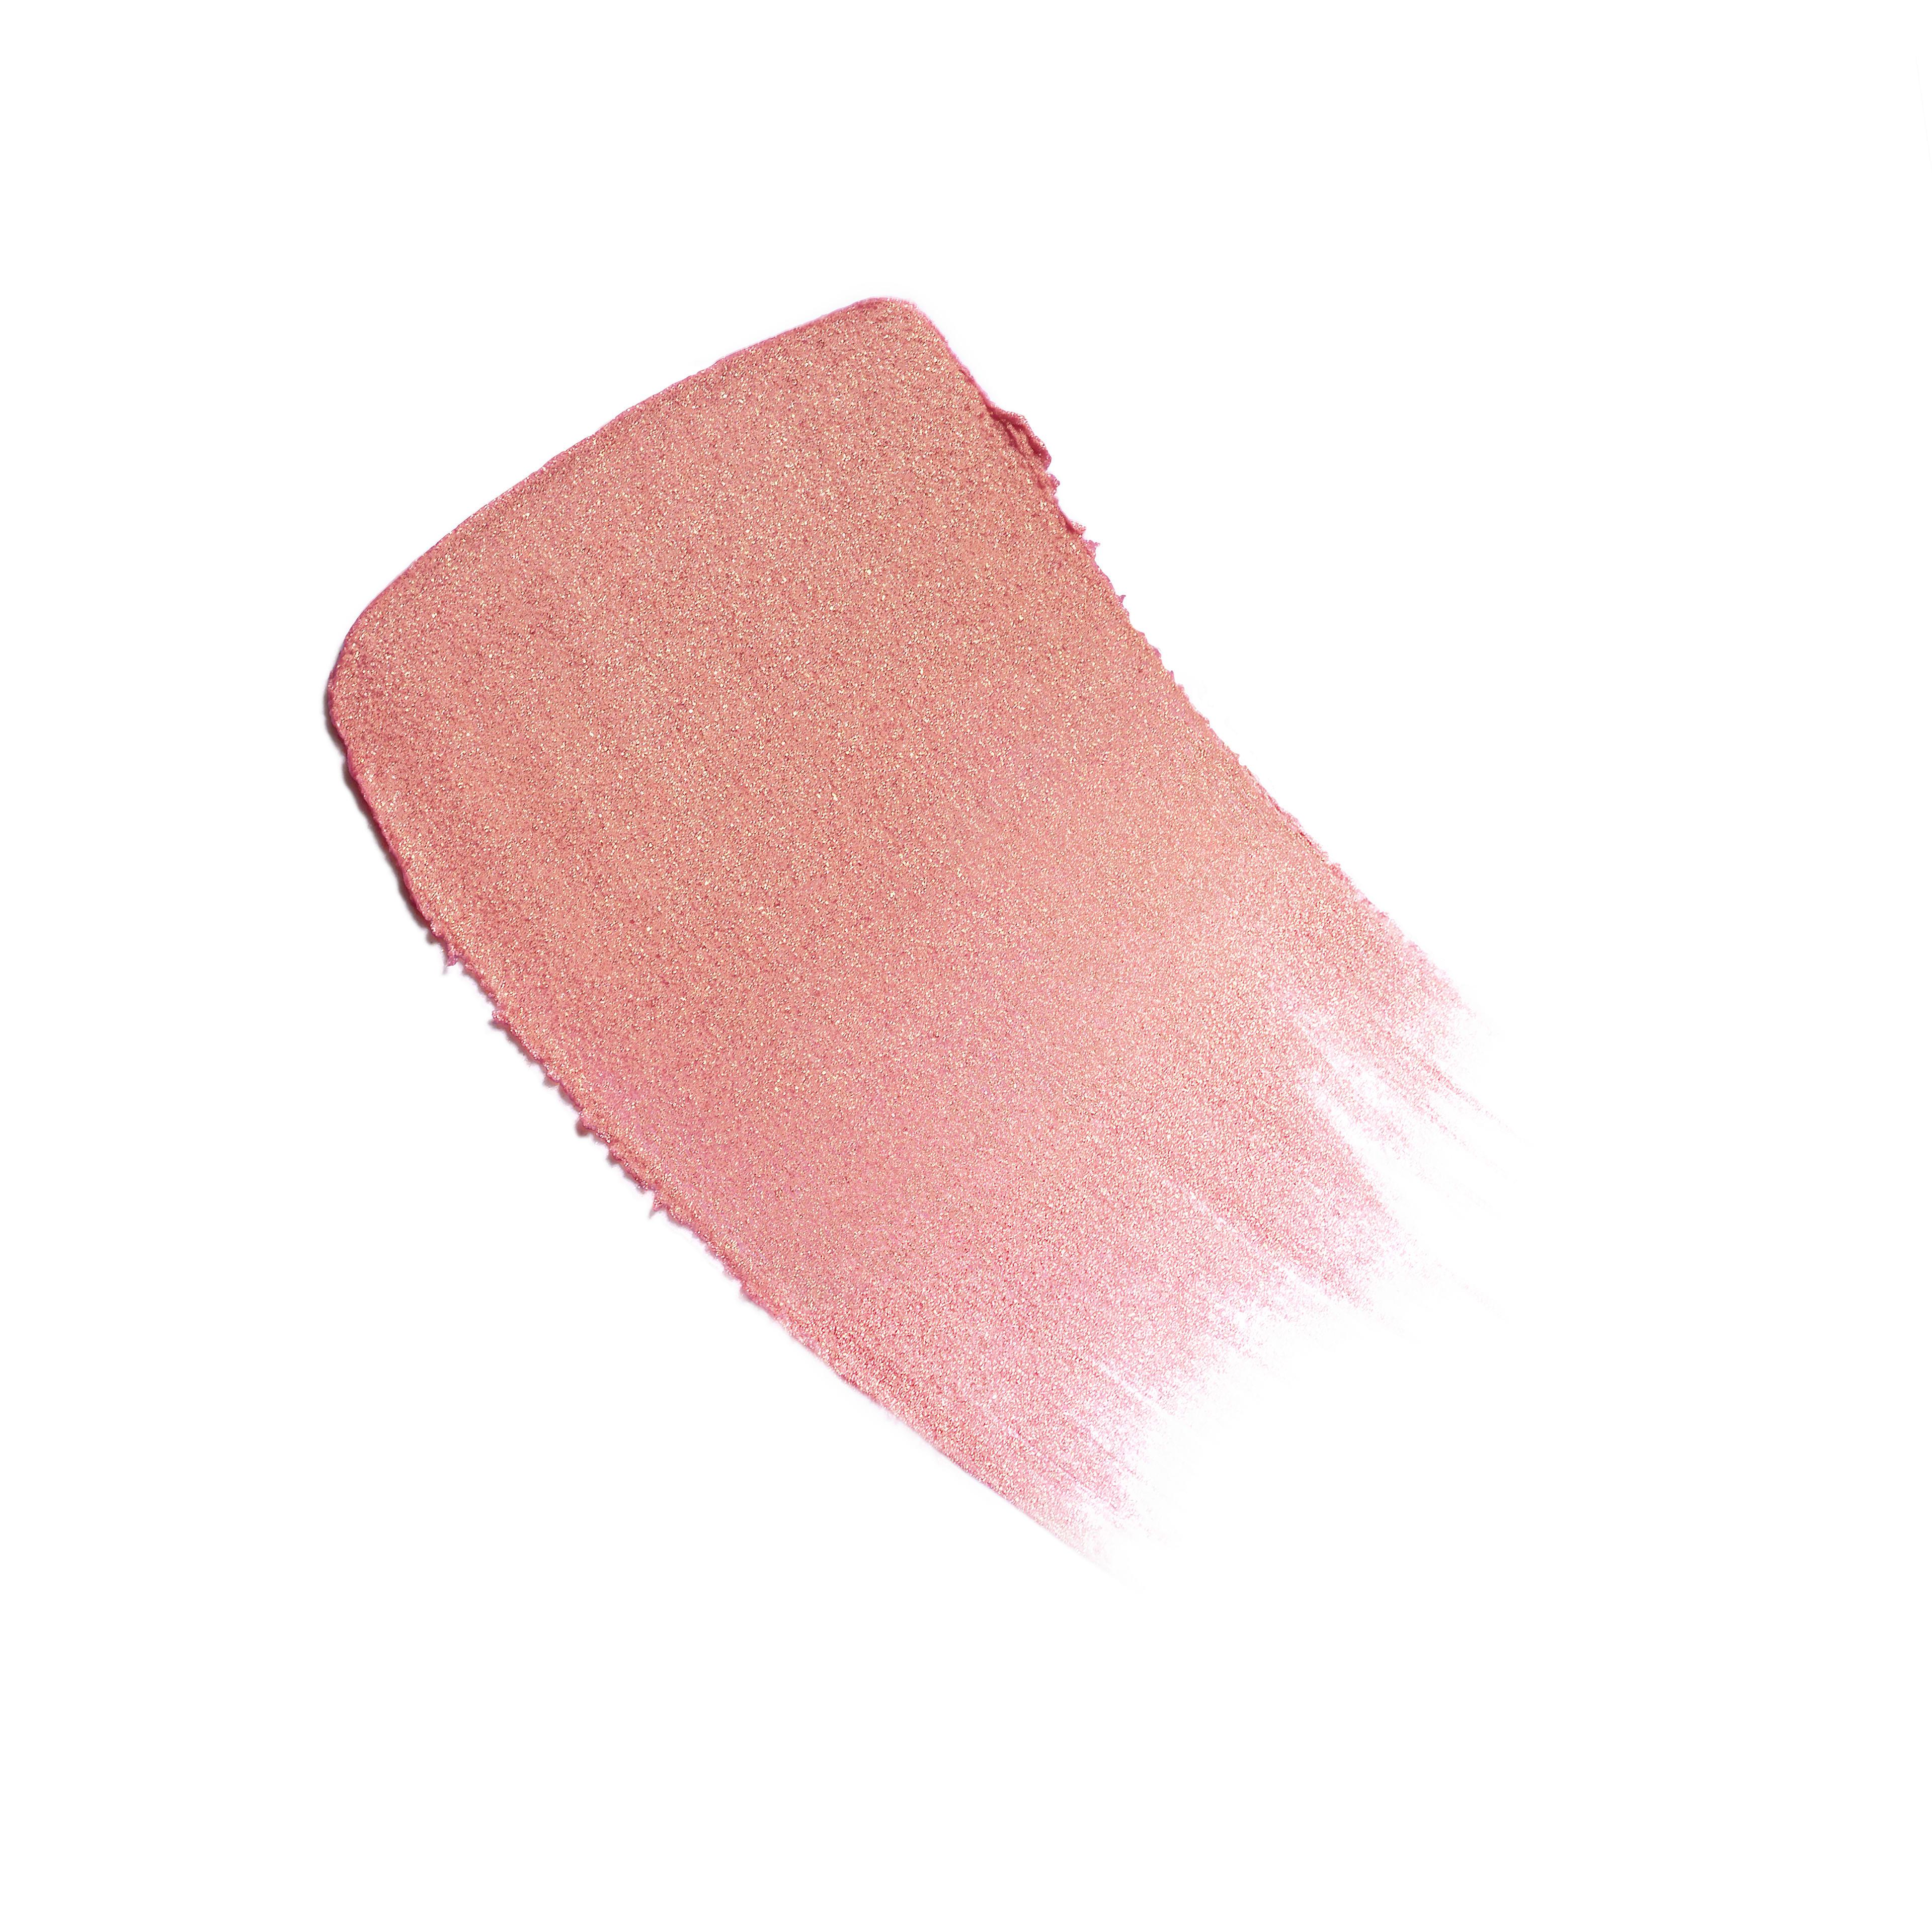 LES BEIGES - makeup - 0.28OZ. - Basic texture view